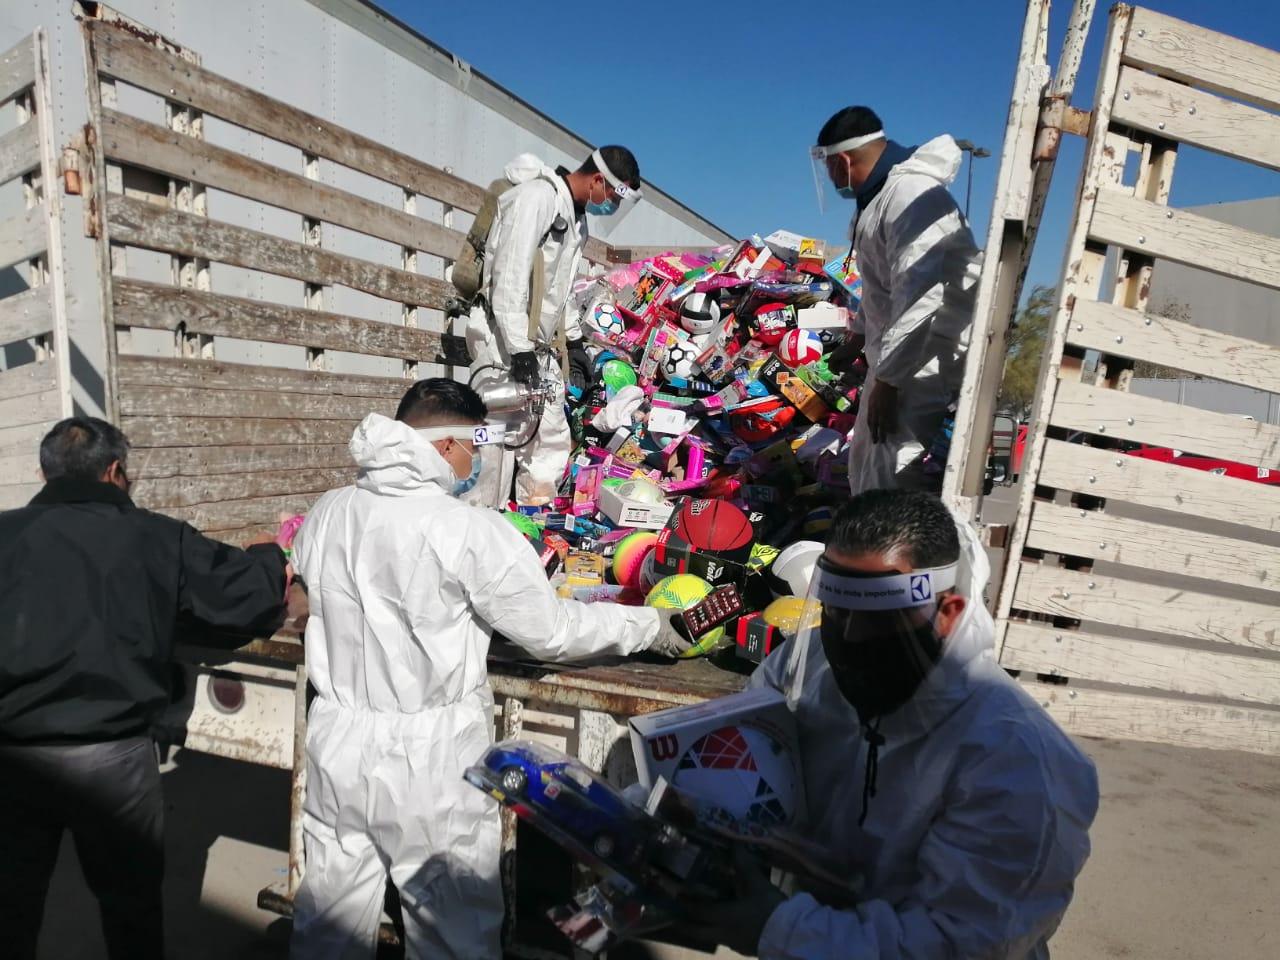 La UACJ dona al Santa Bombero mil 315 juguetes